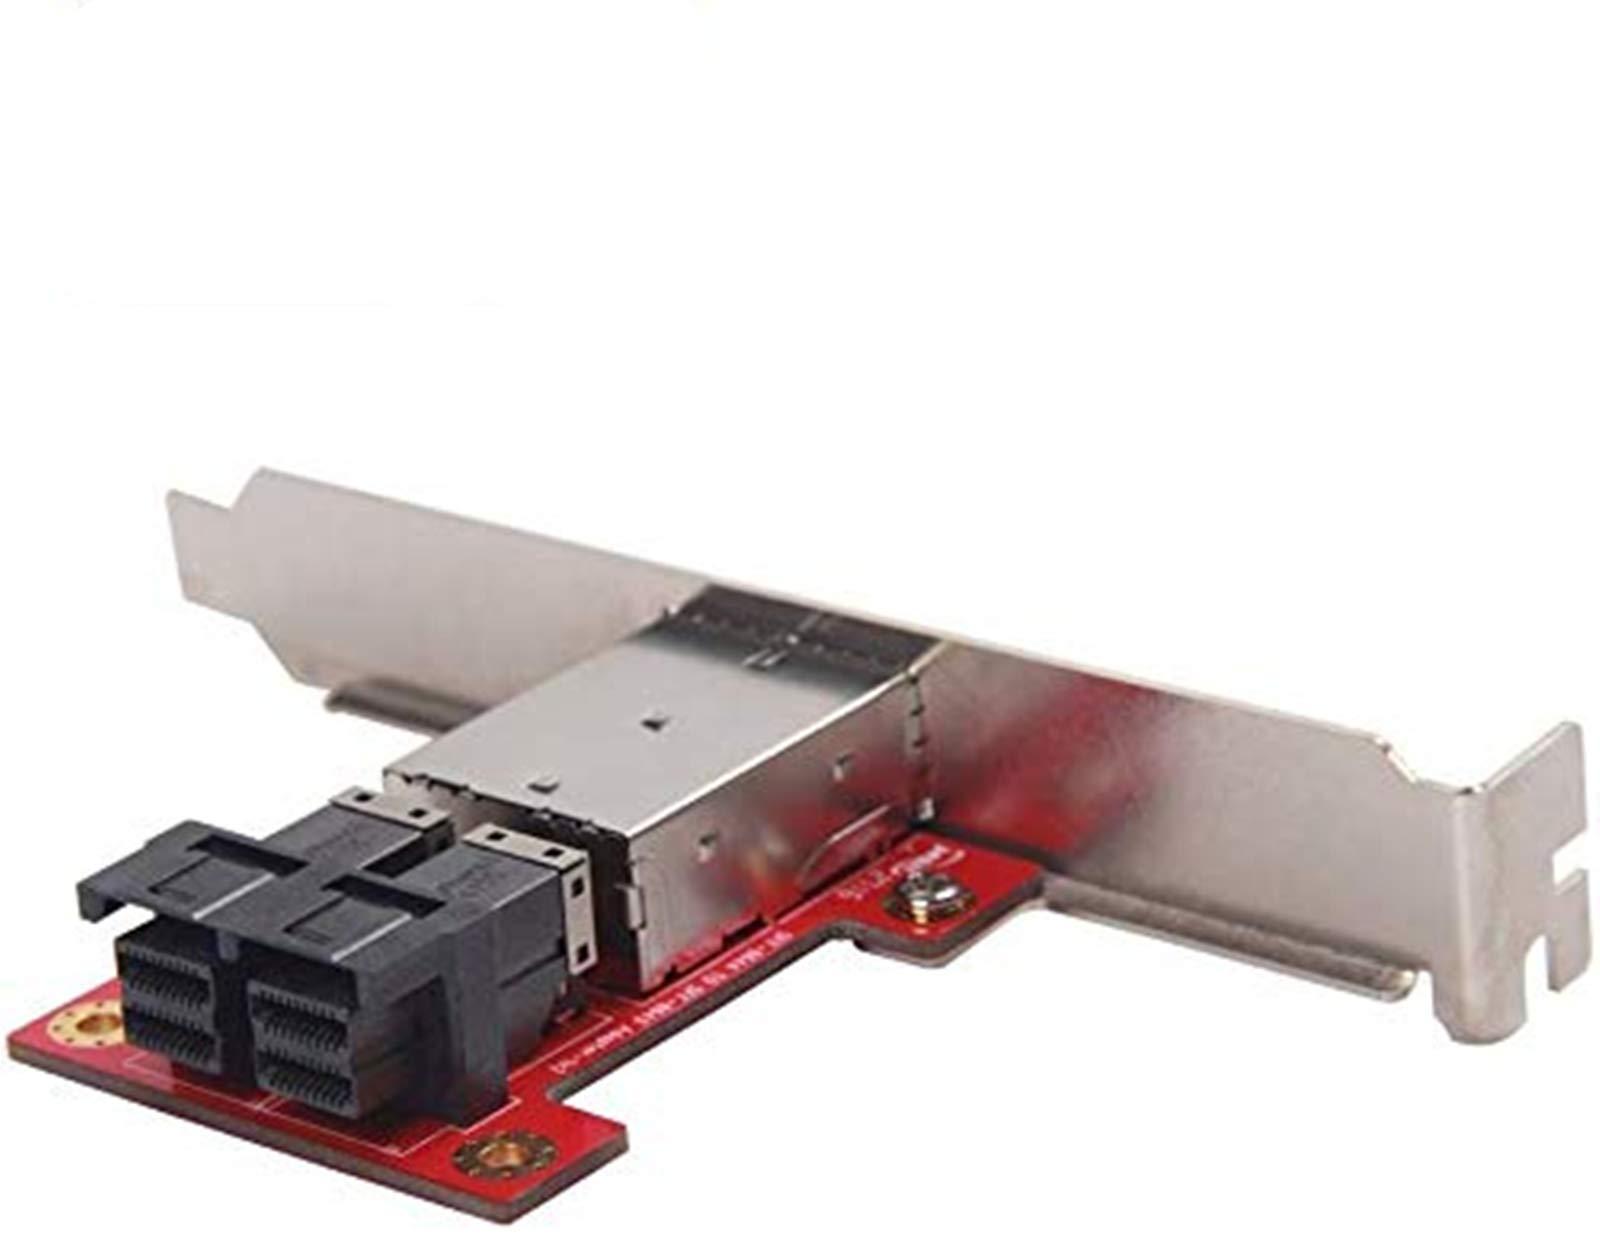 10Gtek Mini SAS Adapter SFF-8643 a SFF-8644 Dual Port Mini S